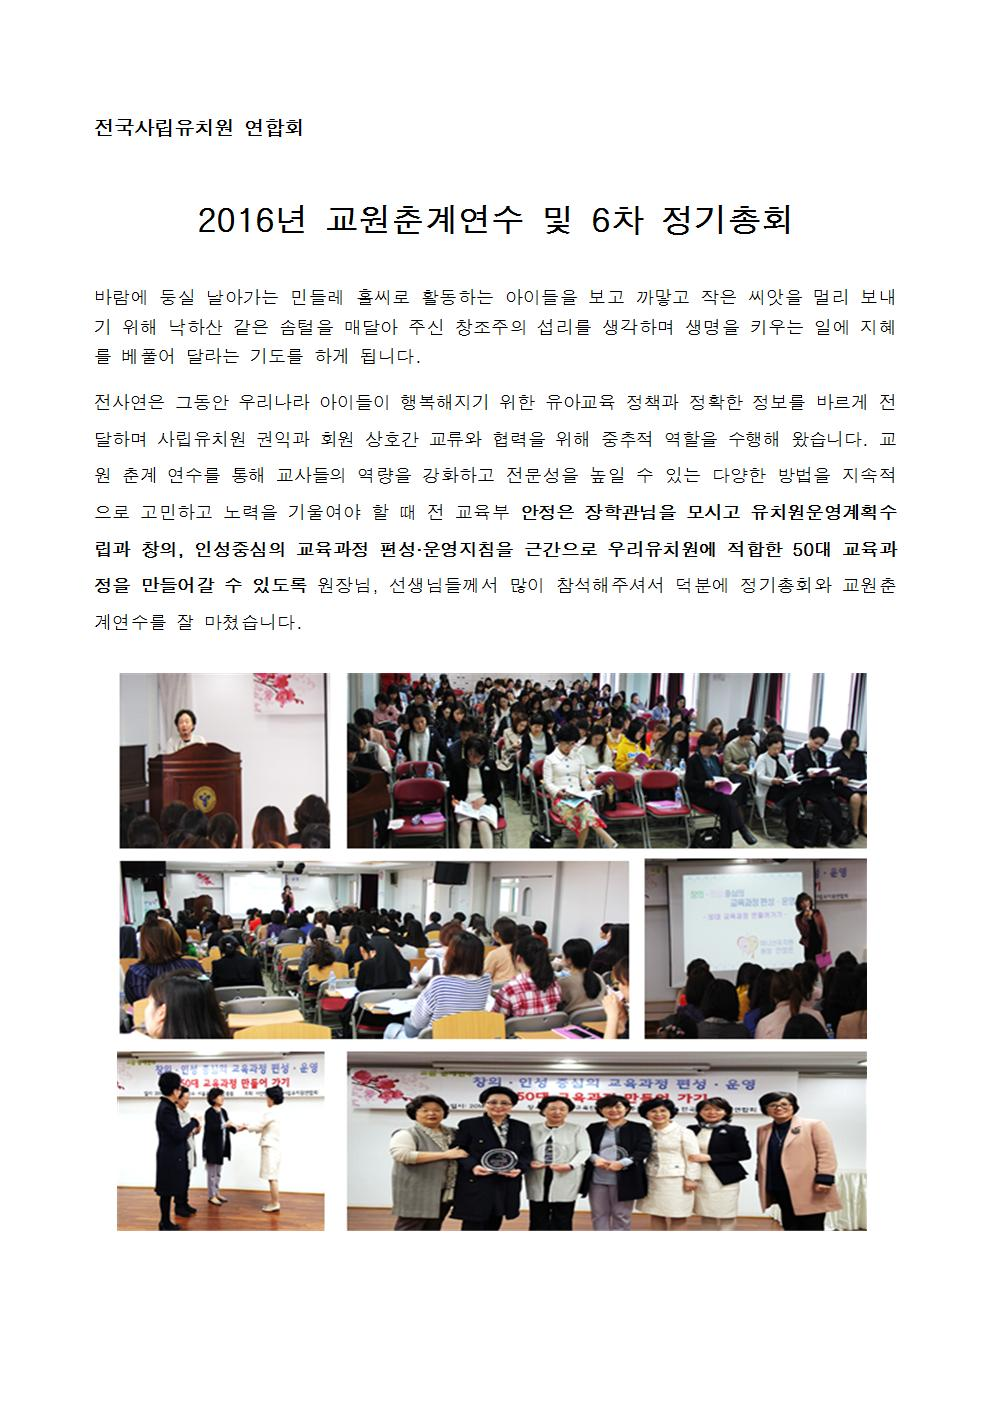 2016 교원 춘계 세미나 -홈페이지001.jpg